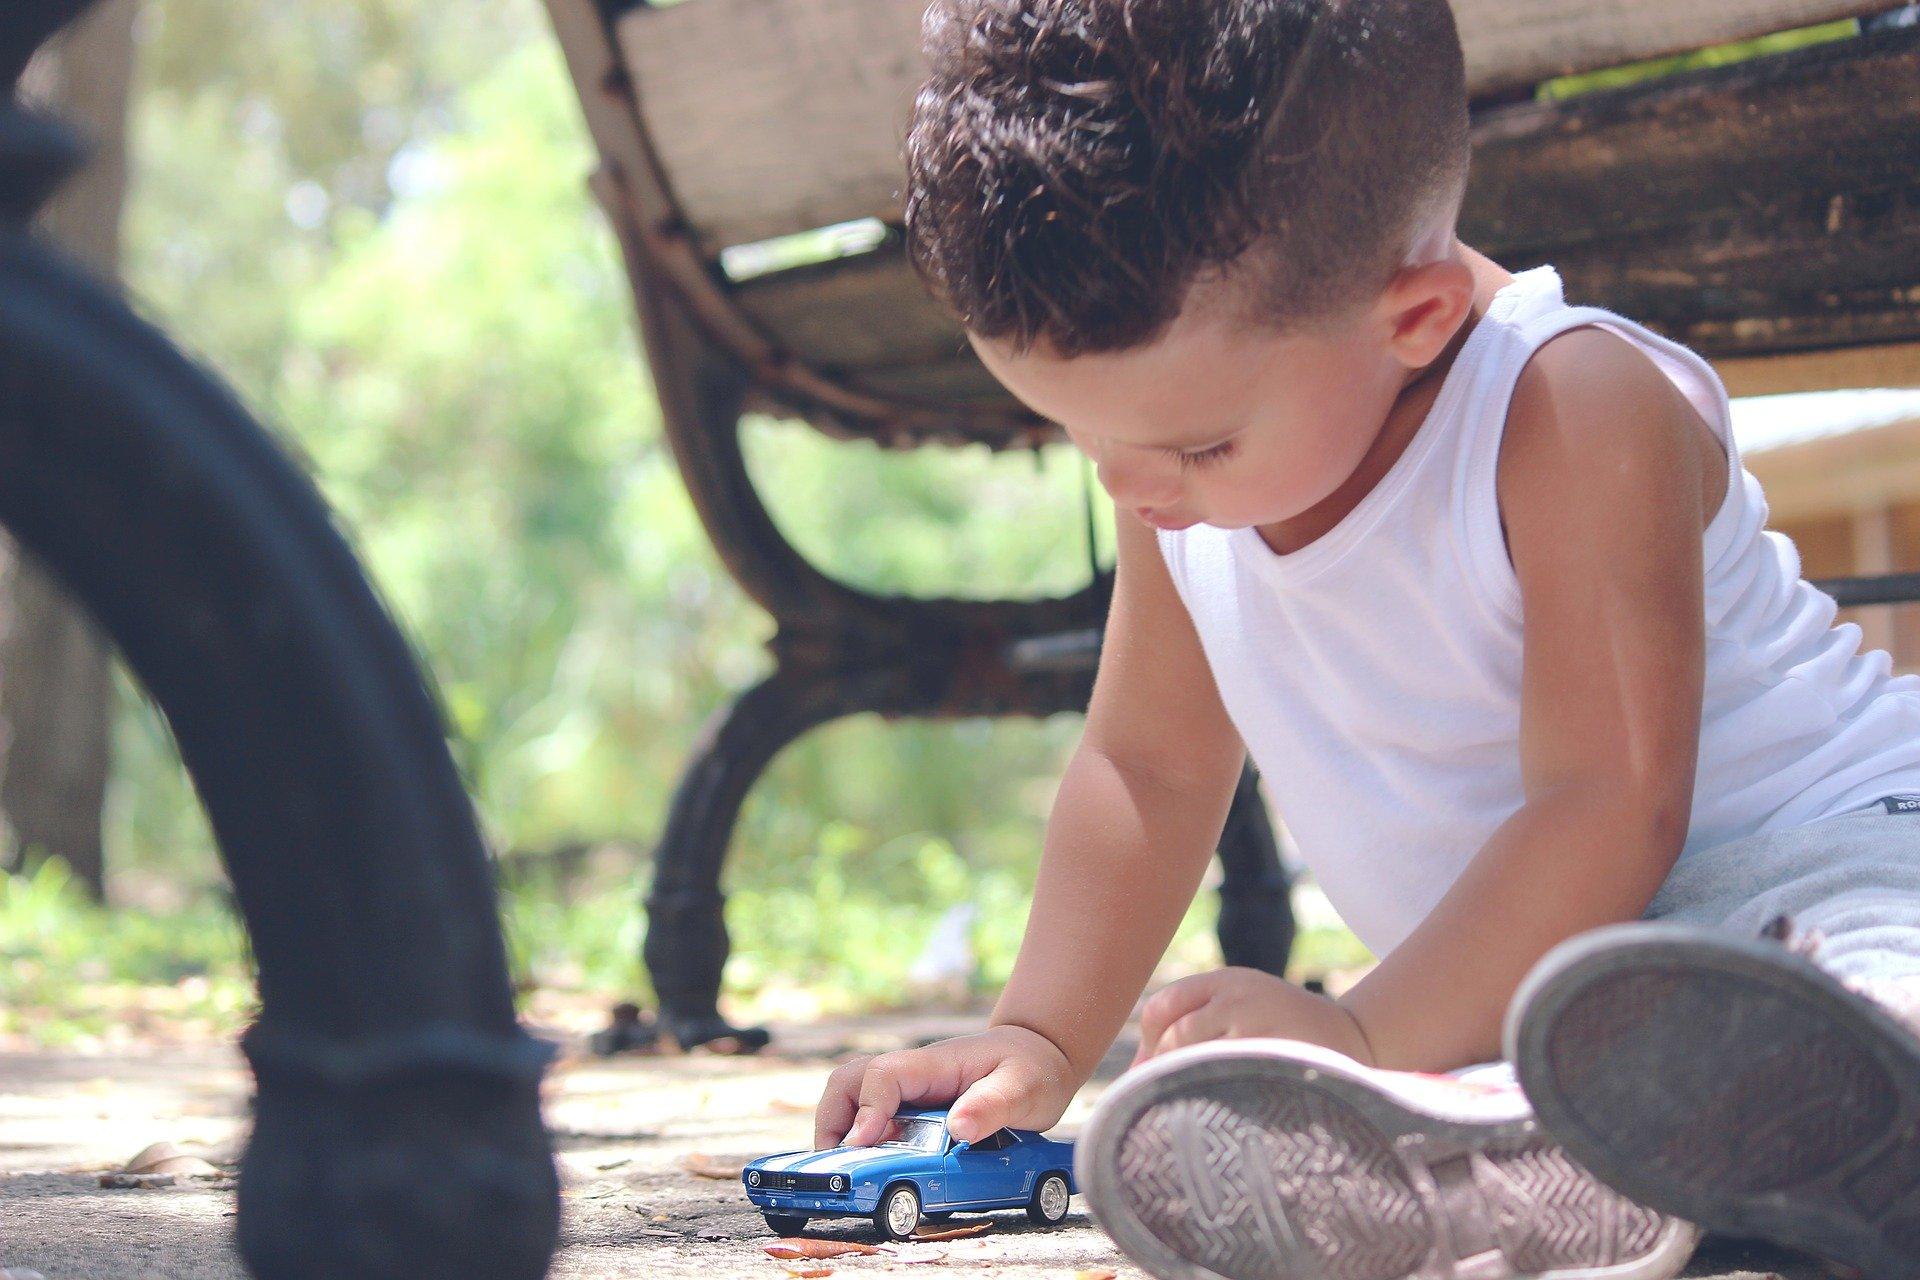 Les 10 bonnes raisons de sortir avec nos enfants en nature. La nature améliore la concentration.